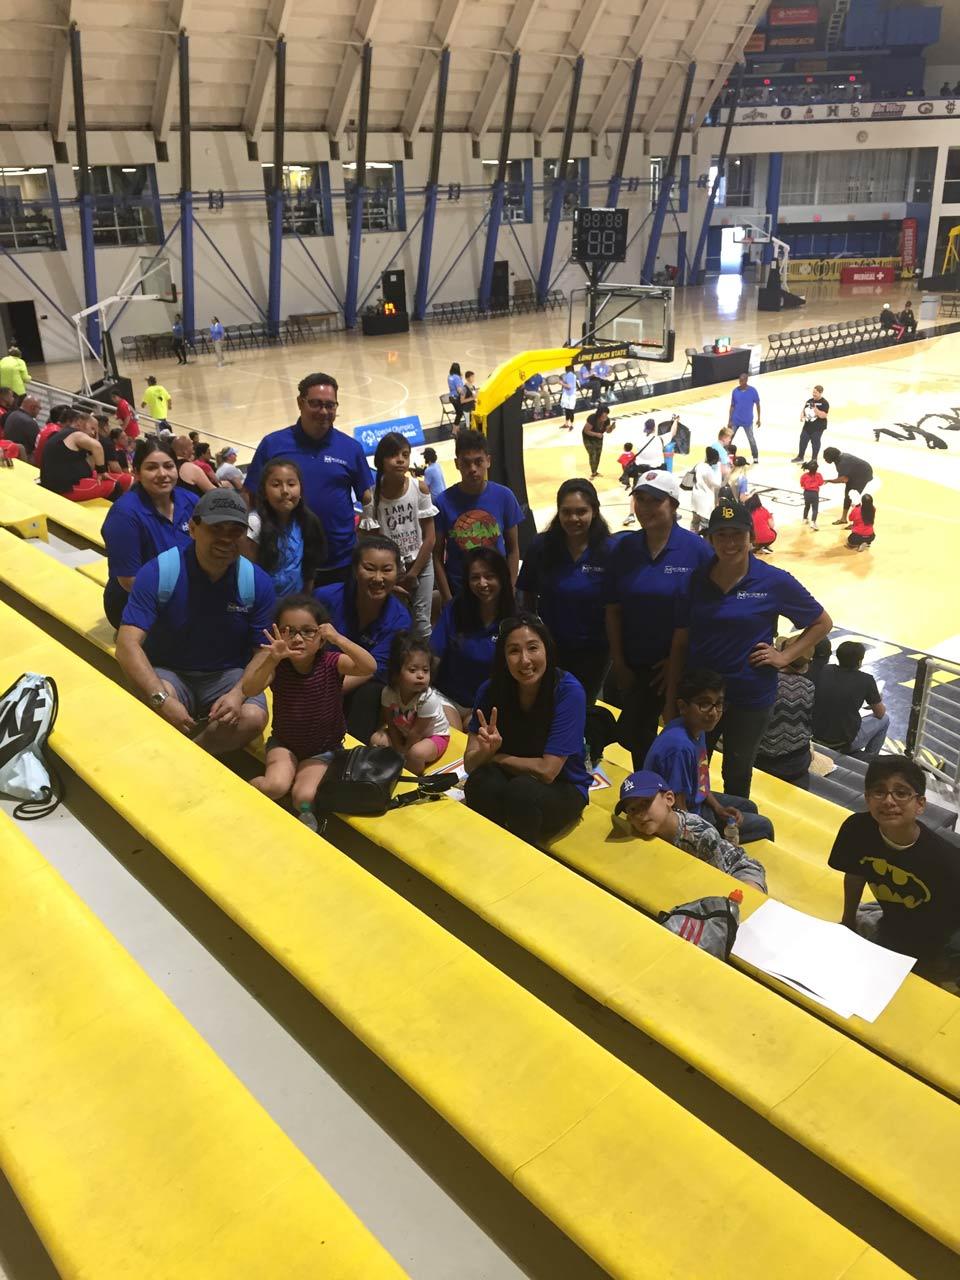 group-basketball-full